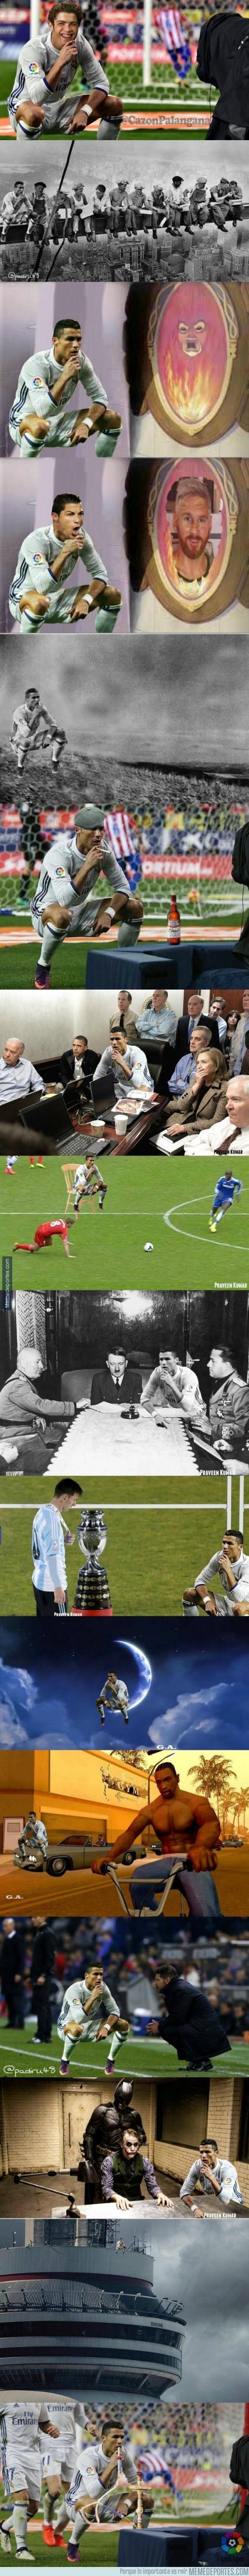 926279 - Recopilación de chops de la celebración de Cristiano Ronaldo (Parte 2)